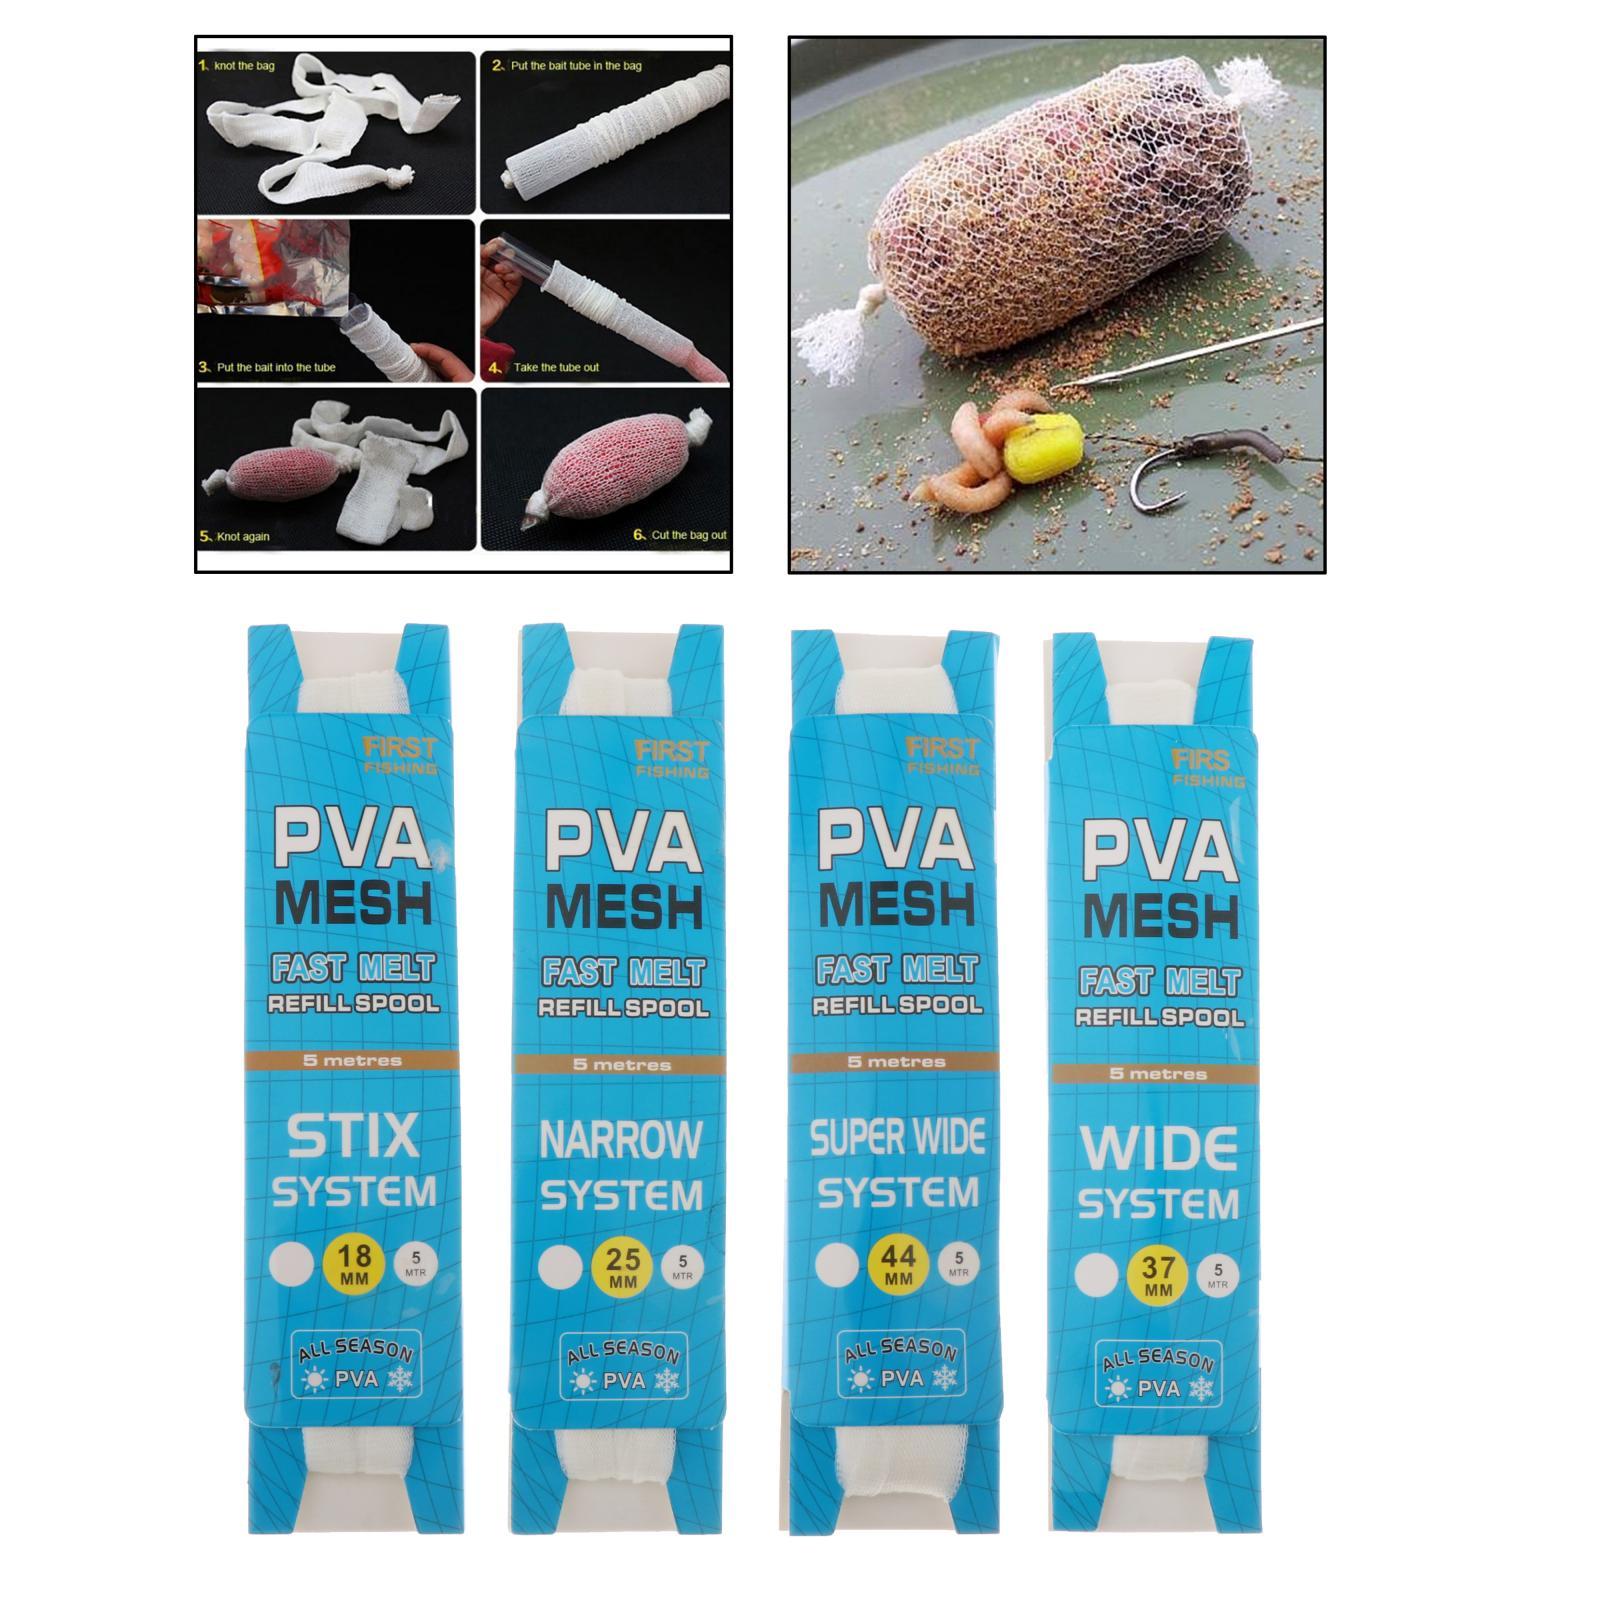 Balıkçılık Bait örgü çanta 18mm/25mm/37mm/44mm hızlı çözünen PVA balıkçılık Bait net suda çözünür yemler dolum çorap olta takımı